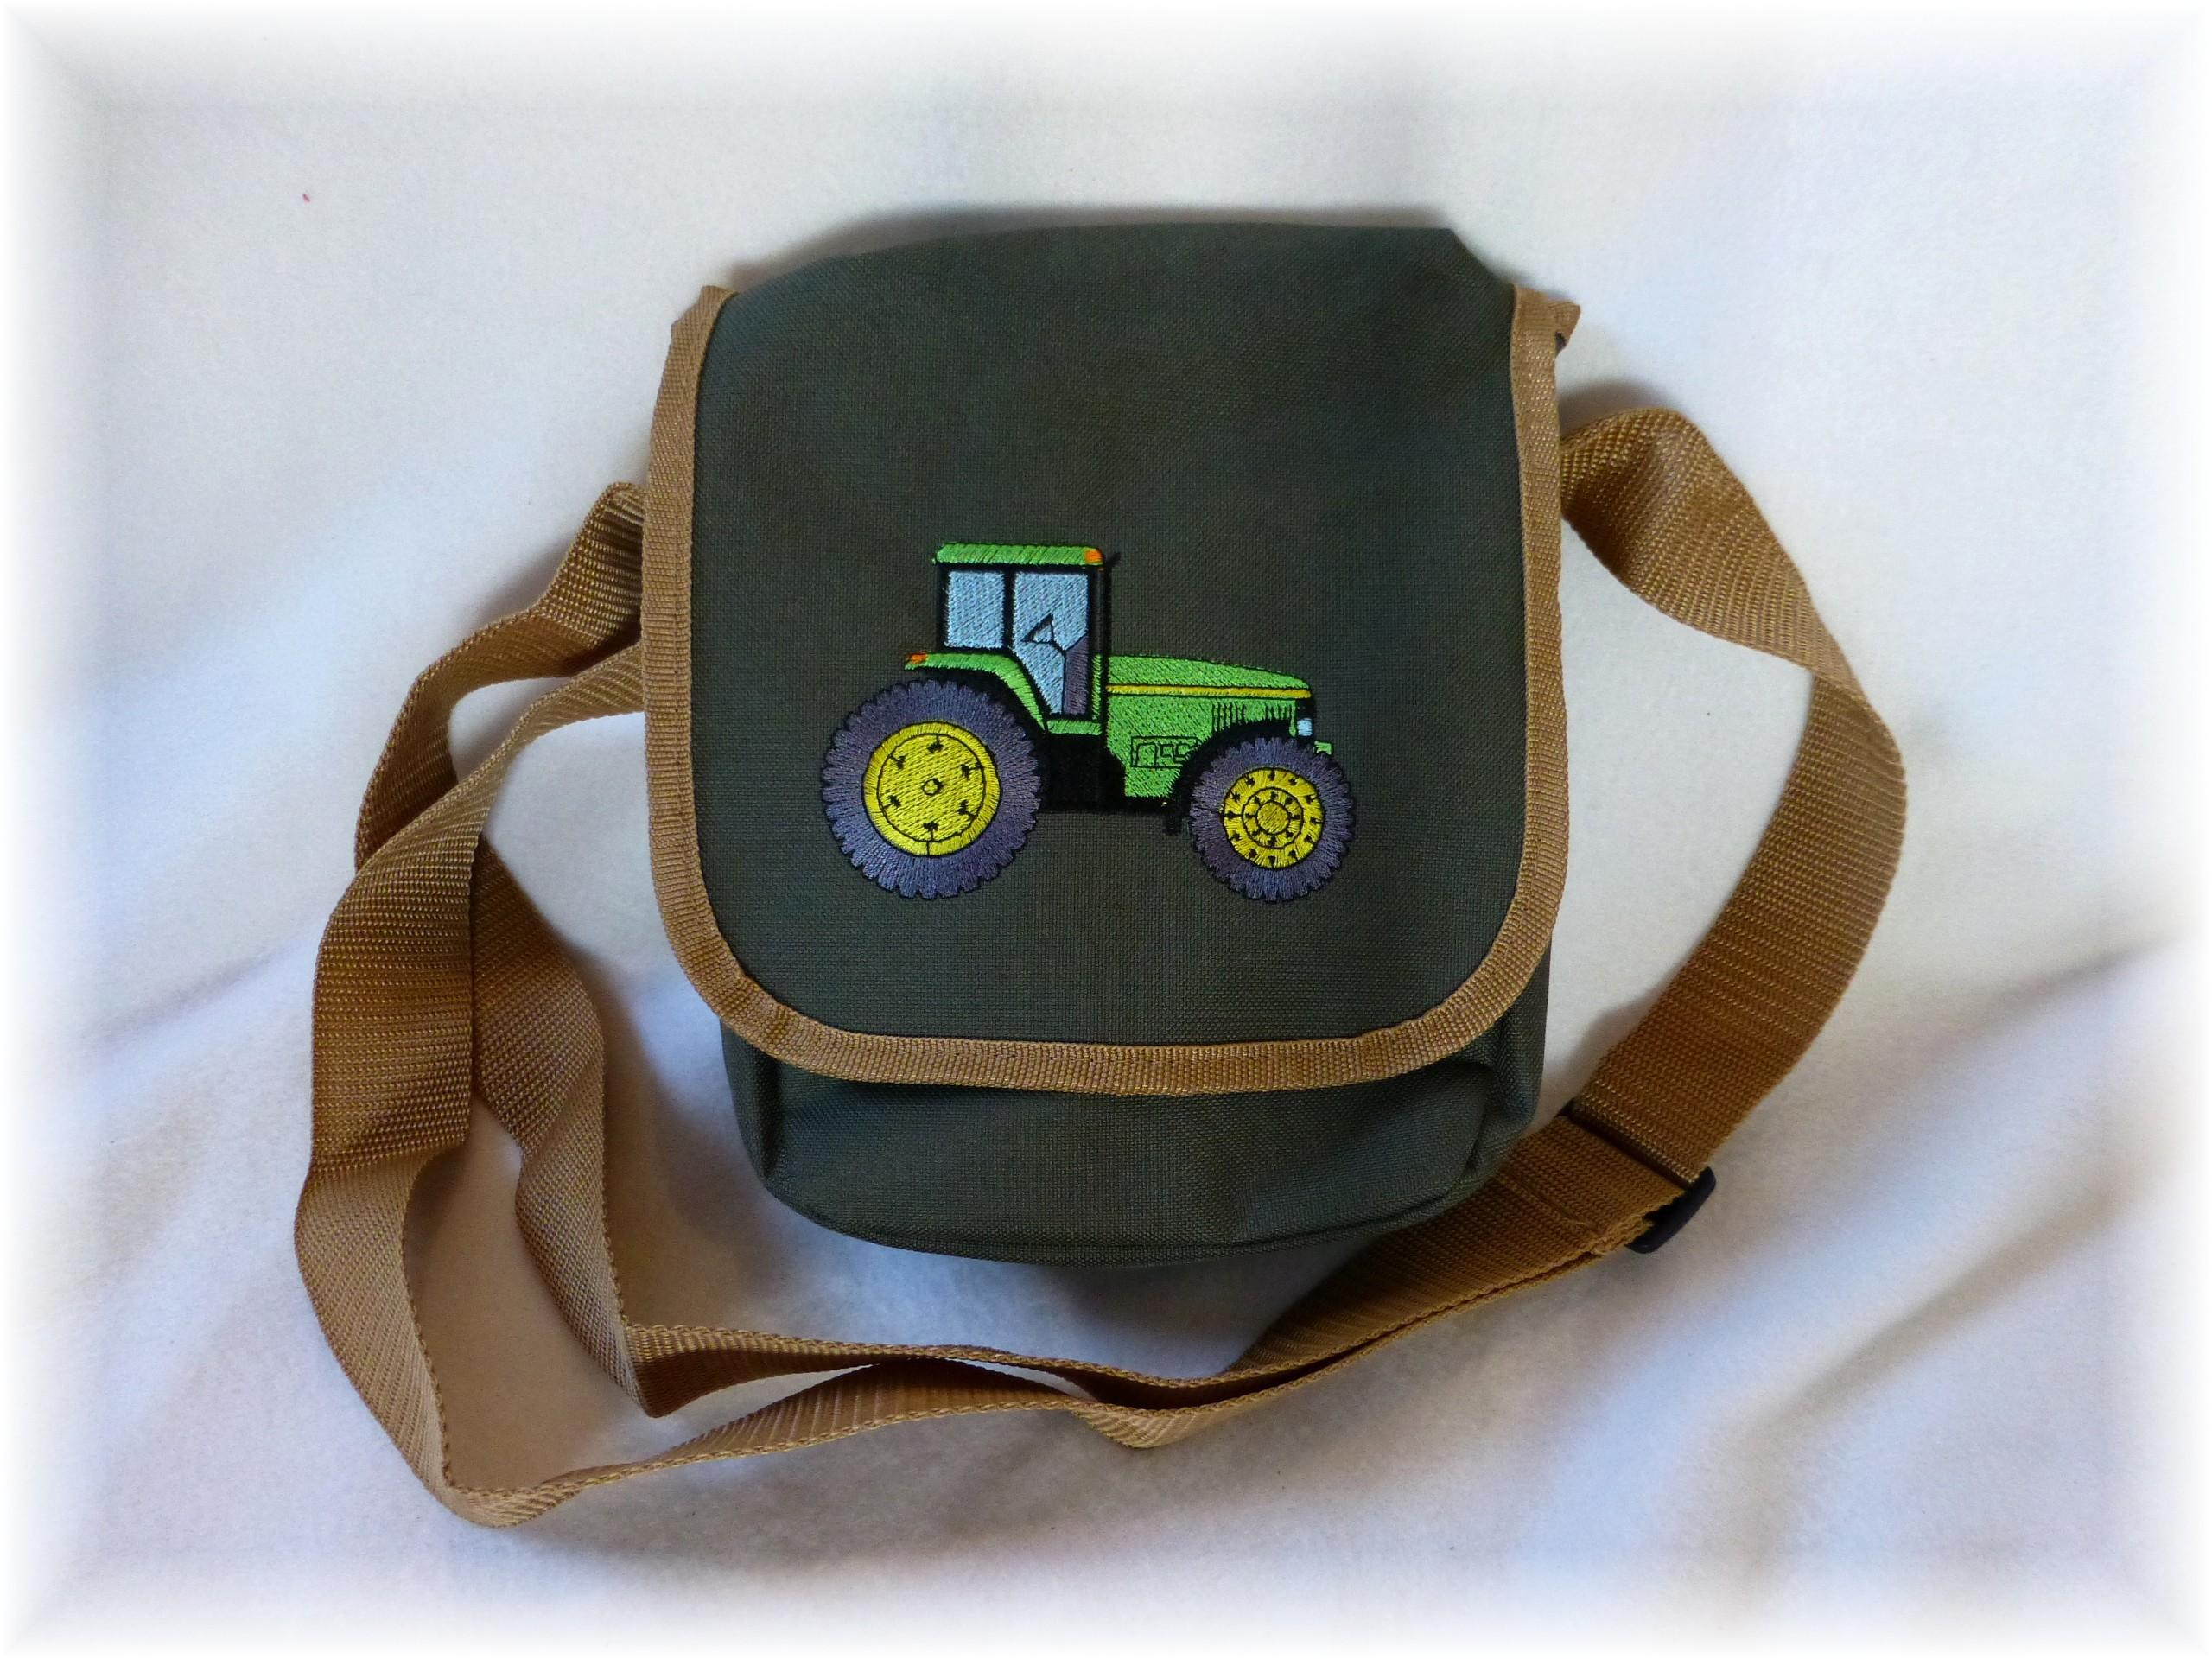 fuxis krabbelschuhe fuxis kindergartentasche traktor trecker. Black Bedroom Furniture Sets. Home Design Ideas